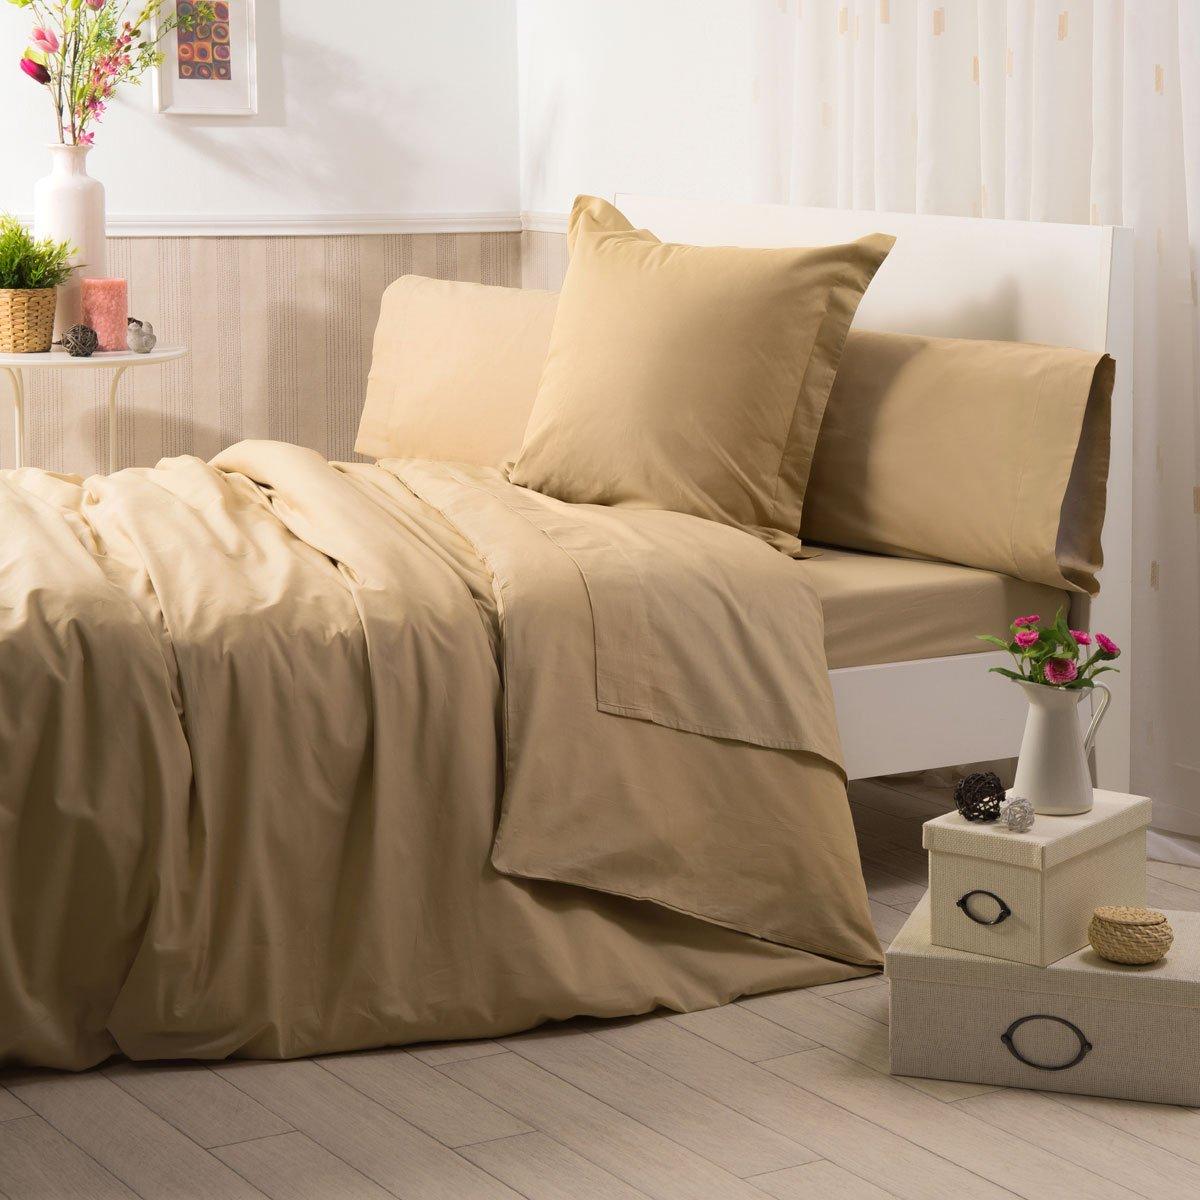 Sancarlos - Funda de almohada para cama, 100% Algodón percal, Color marrón, Cama de 135 cm: Amazon.es: Hogar